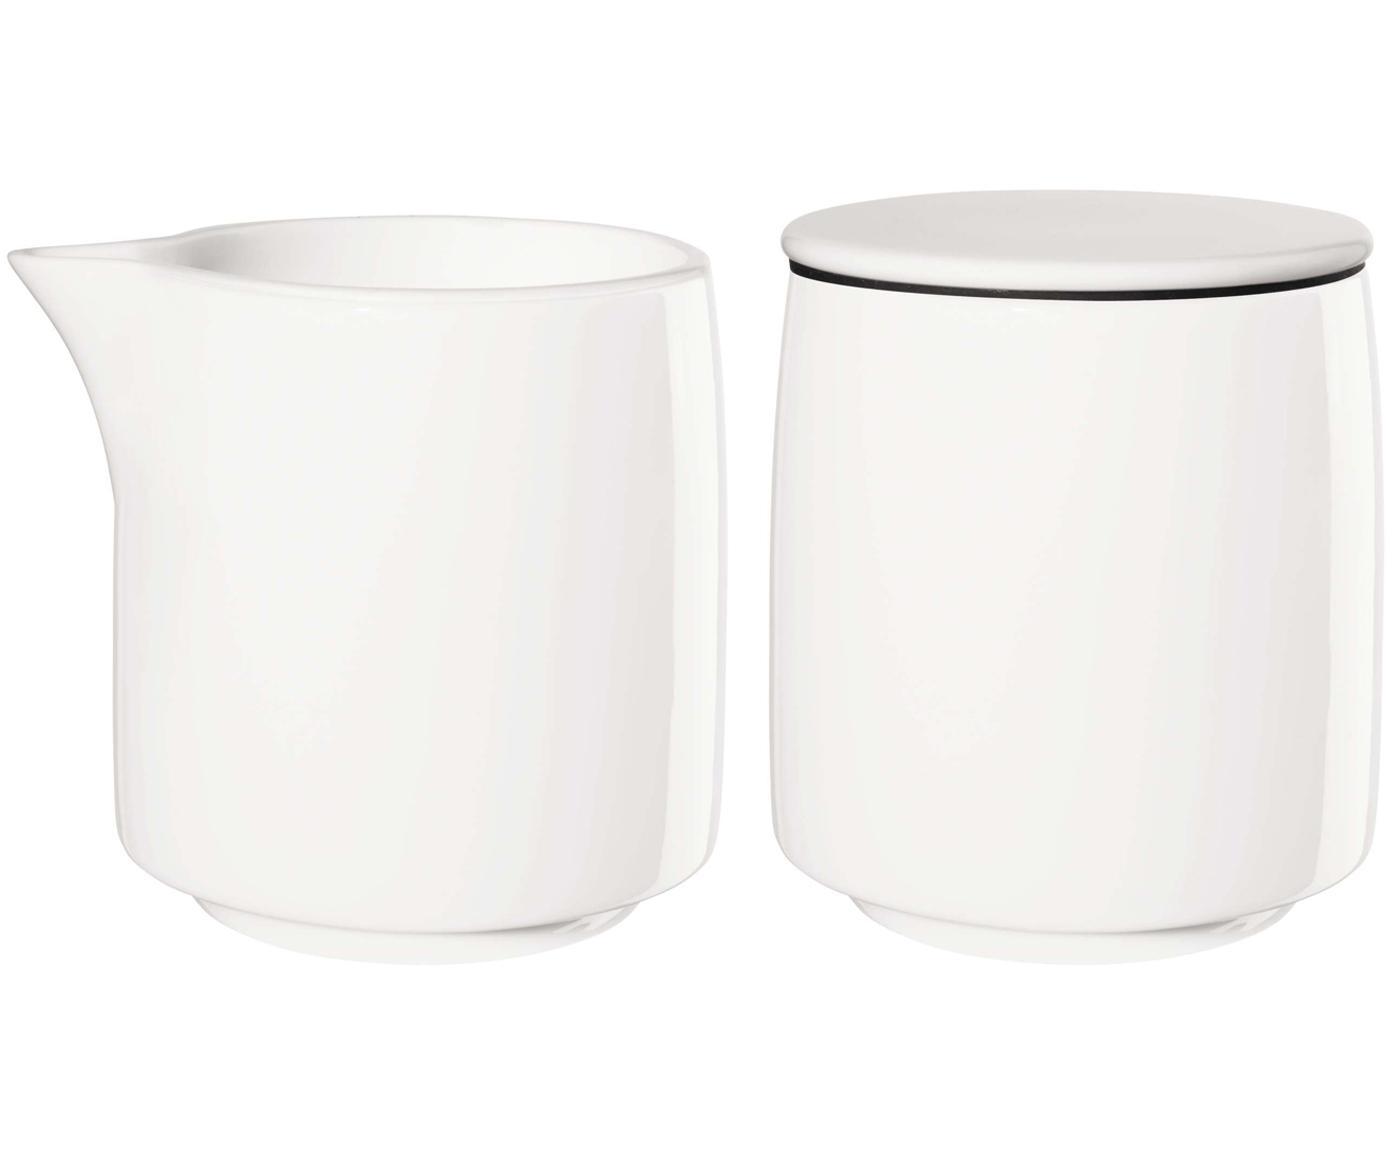 Melk- en suikerset Safe, 2-delig, Porselein, Wit, zwart, Ø 8 x H 8 cm